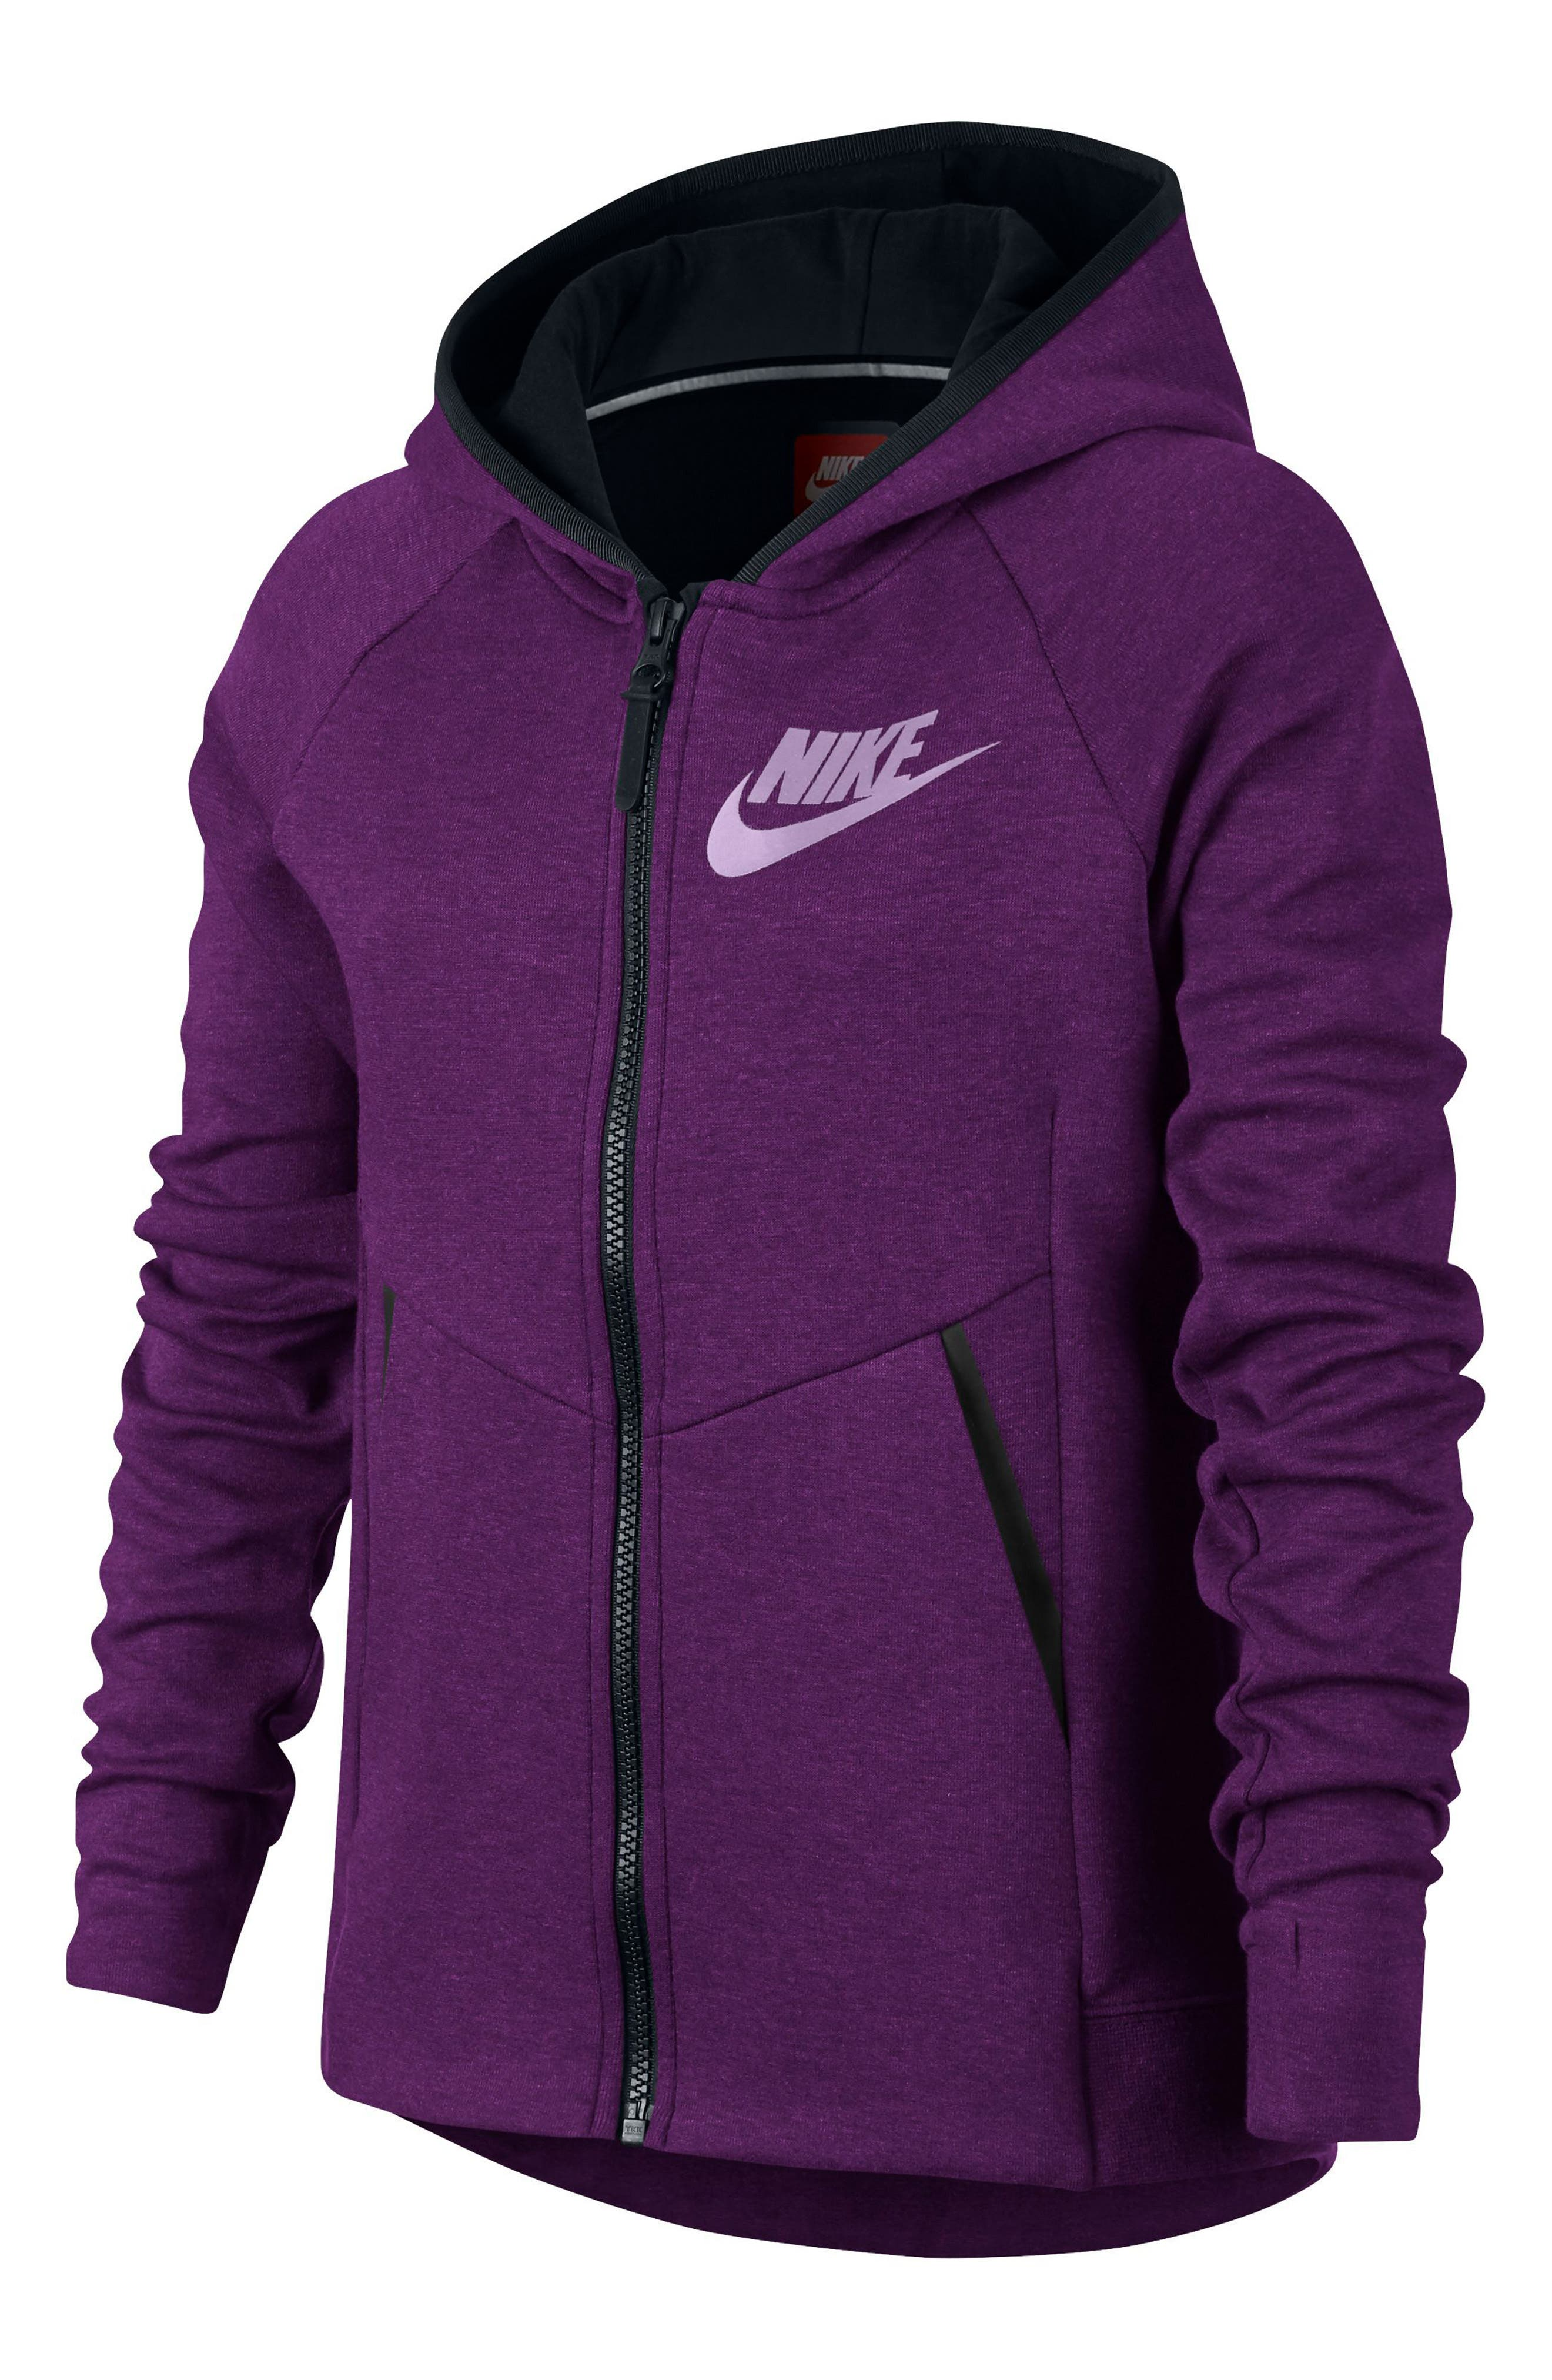 Sportswear Tech Fleece Hoodie,                             Alternate thumbnail 2, color,                             Night Purple/ Black